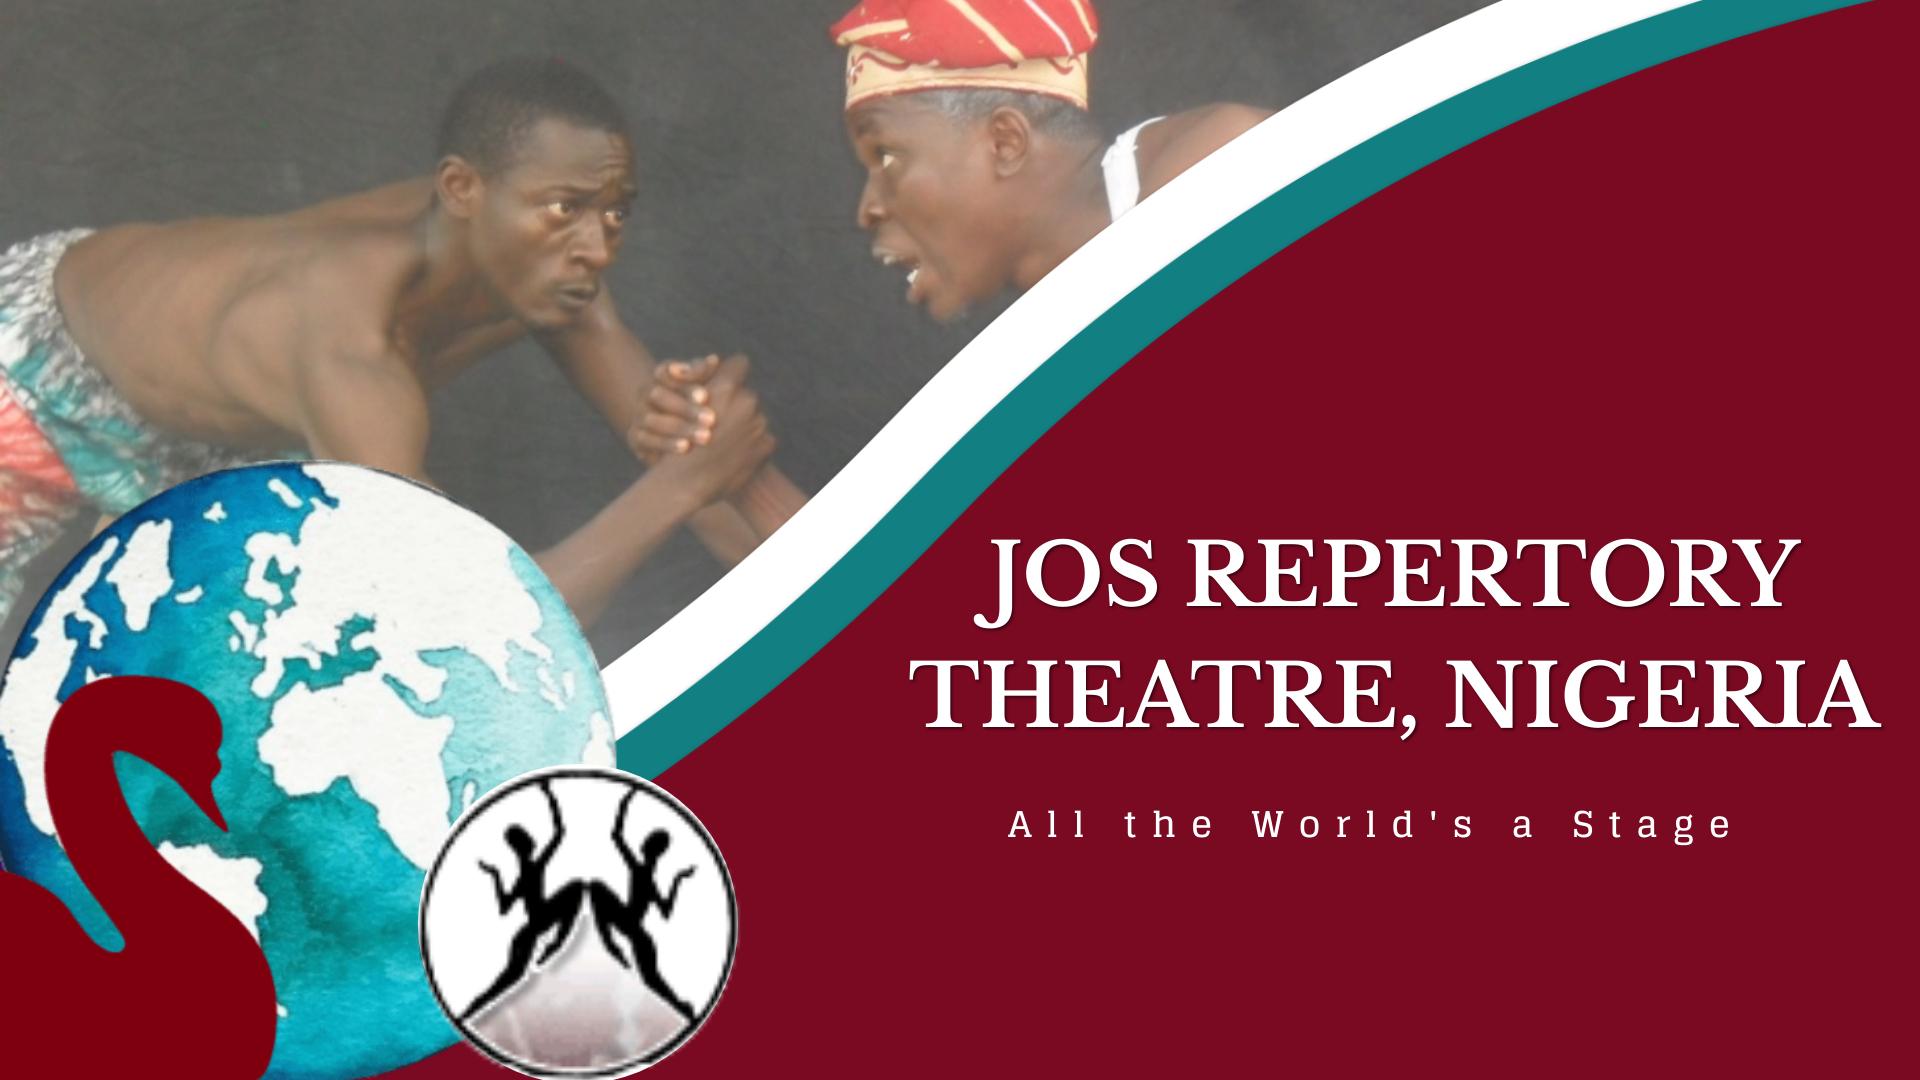 Jos Theatre, Nigeria